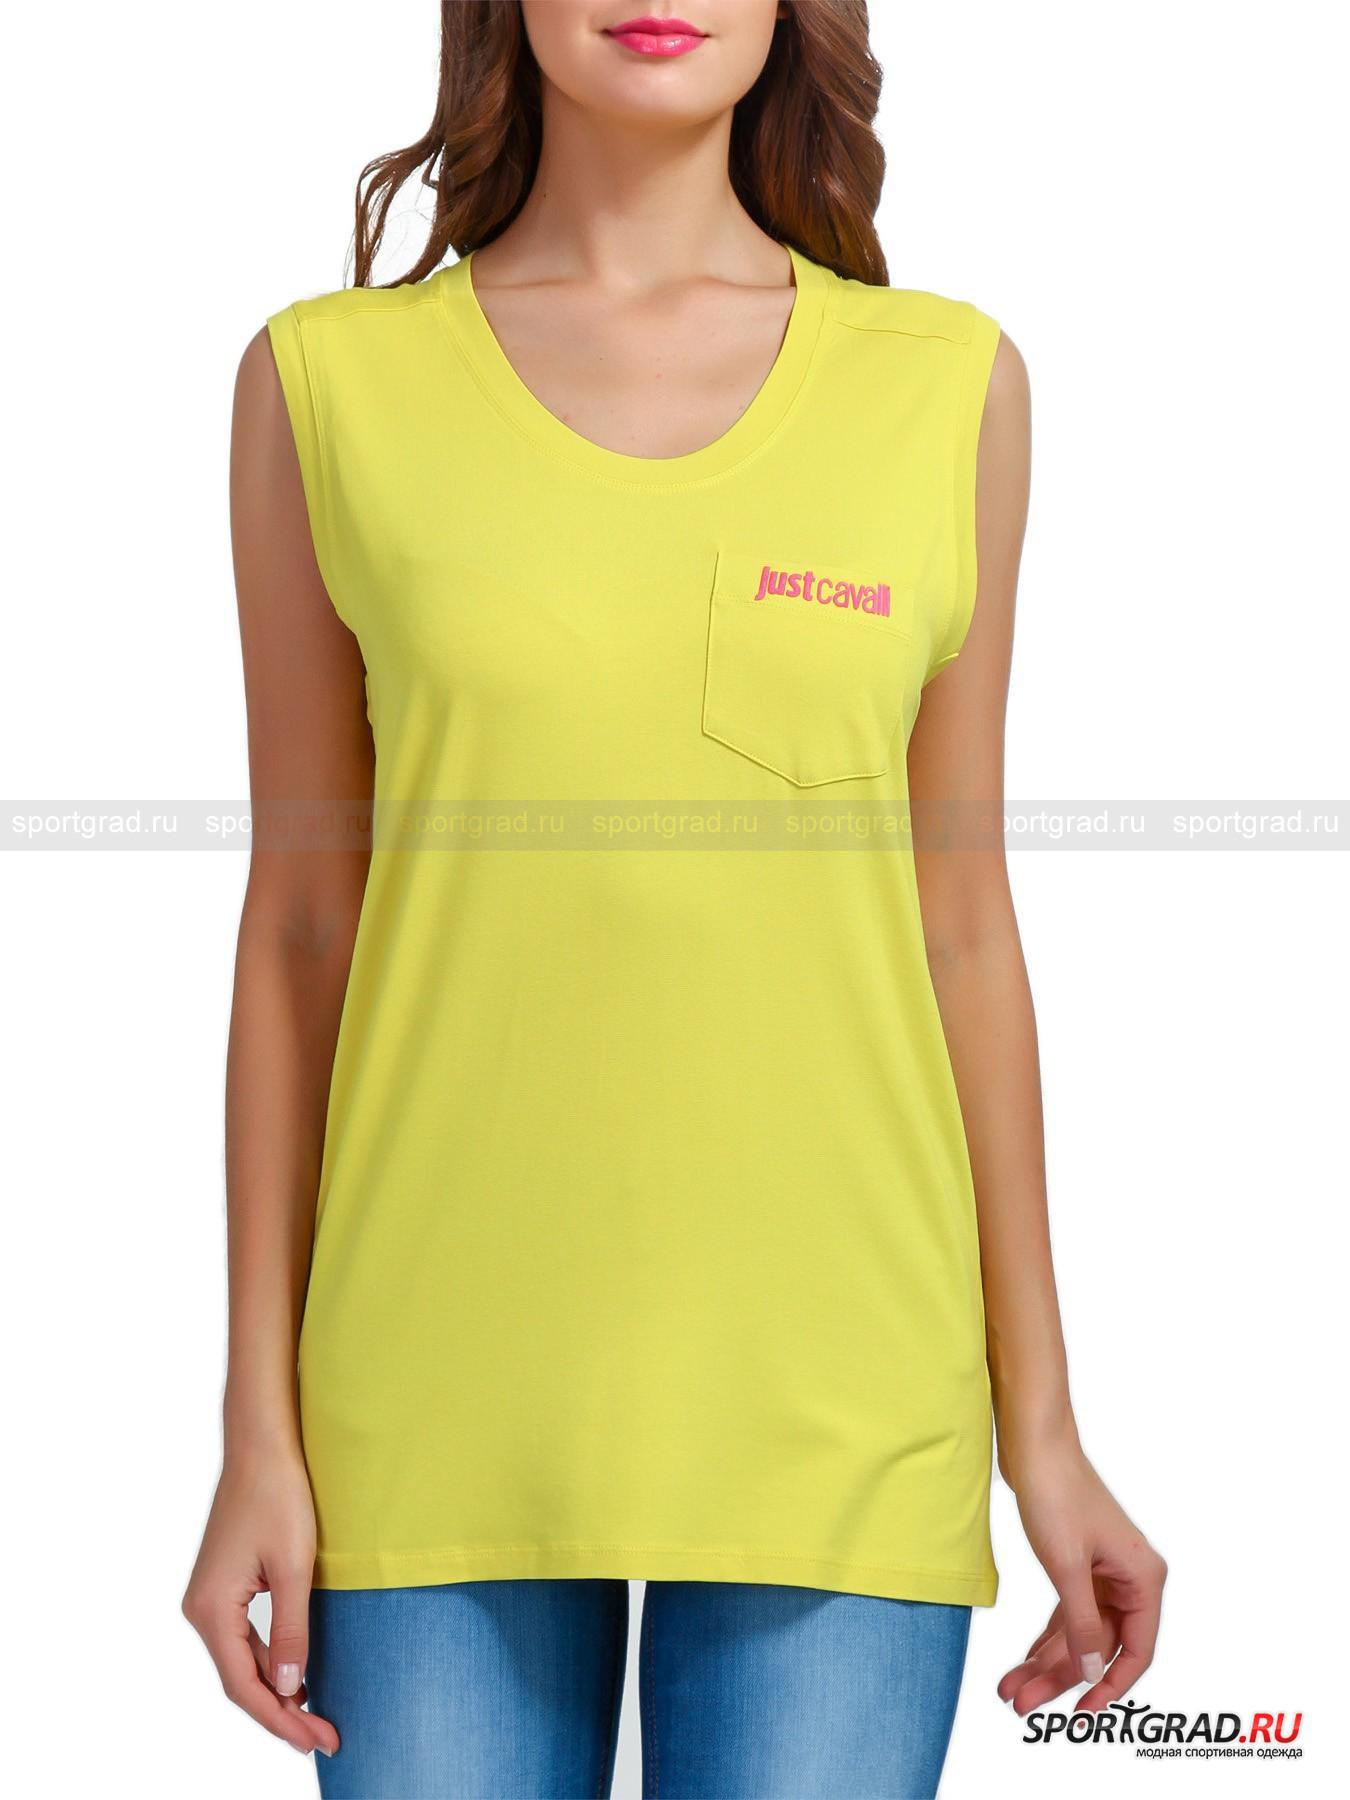 Майка-туника женская JUST CAVALLI с эффектом стрейчМайки<br>Горчично-желтая футболка-туника JUST CAVALLI без рукавов - модель с умышленно мужским кроем, который дизайнеры успешно уравновесили за счет типично женского штриха леденцово-розового цвета, выпукло изобразившего название бренда поверх накладного кармана.<br><br>Выглядящее так, будто оно велико Вам, изделие задумано подчеркнуть через эффект контраста хрупкость Вашей фигуры. Упругое стрейчевое полотно из смеси дышащей вискозы и эластана позаботится о том, чтобы кожа в такой футболке чувствовала себя превосходно, а раскованности движений ничто не мешало.<br><br>Пол: Женский<br>Возраст: Взрослый<br>Тип: Майки<br>Рекомендации по уходу: Изделию показана стирка при температуре строго 30°, глажка при температуре, не превышающей 110°, и щадящая химчистка. Запрещены отбеливание и сушка в стиральной машине или электросушилке для белья.<br>Состав: 96% вискоза, 4% эластан